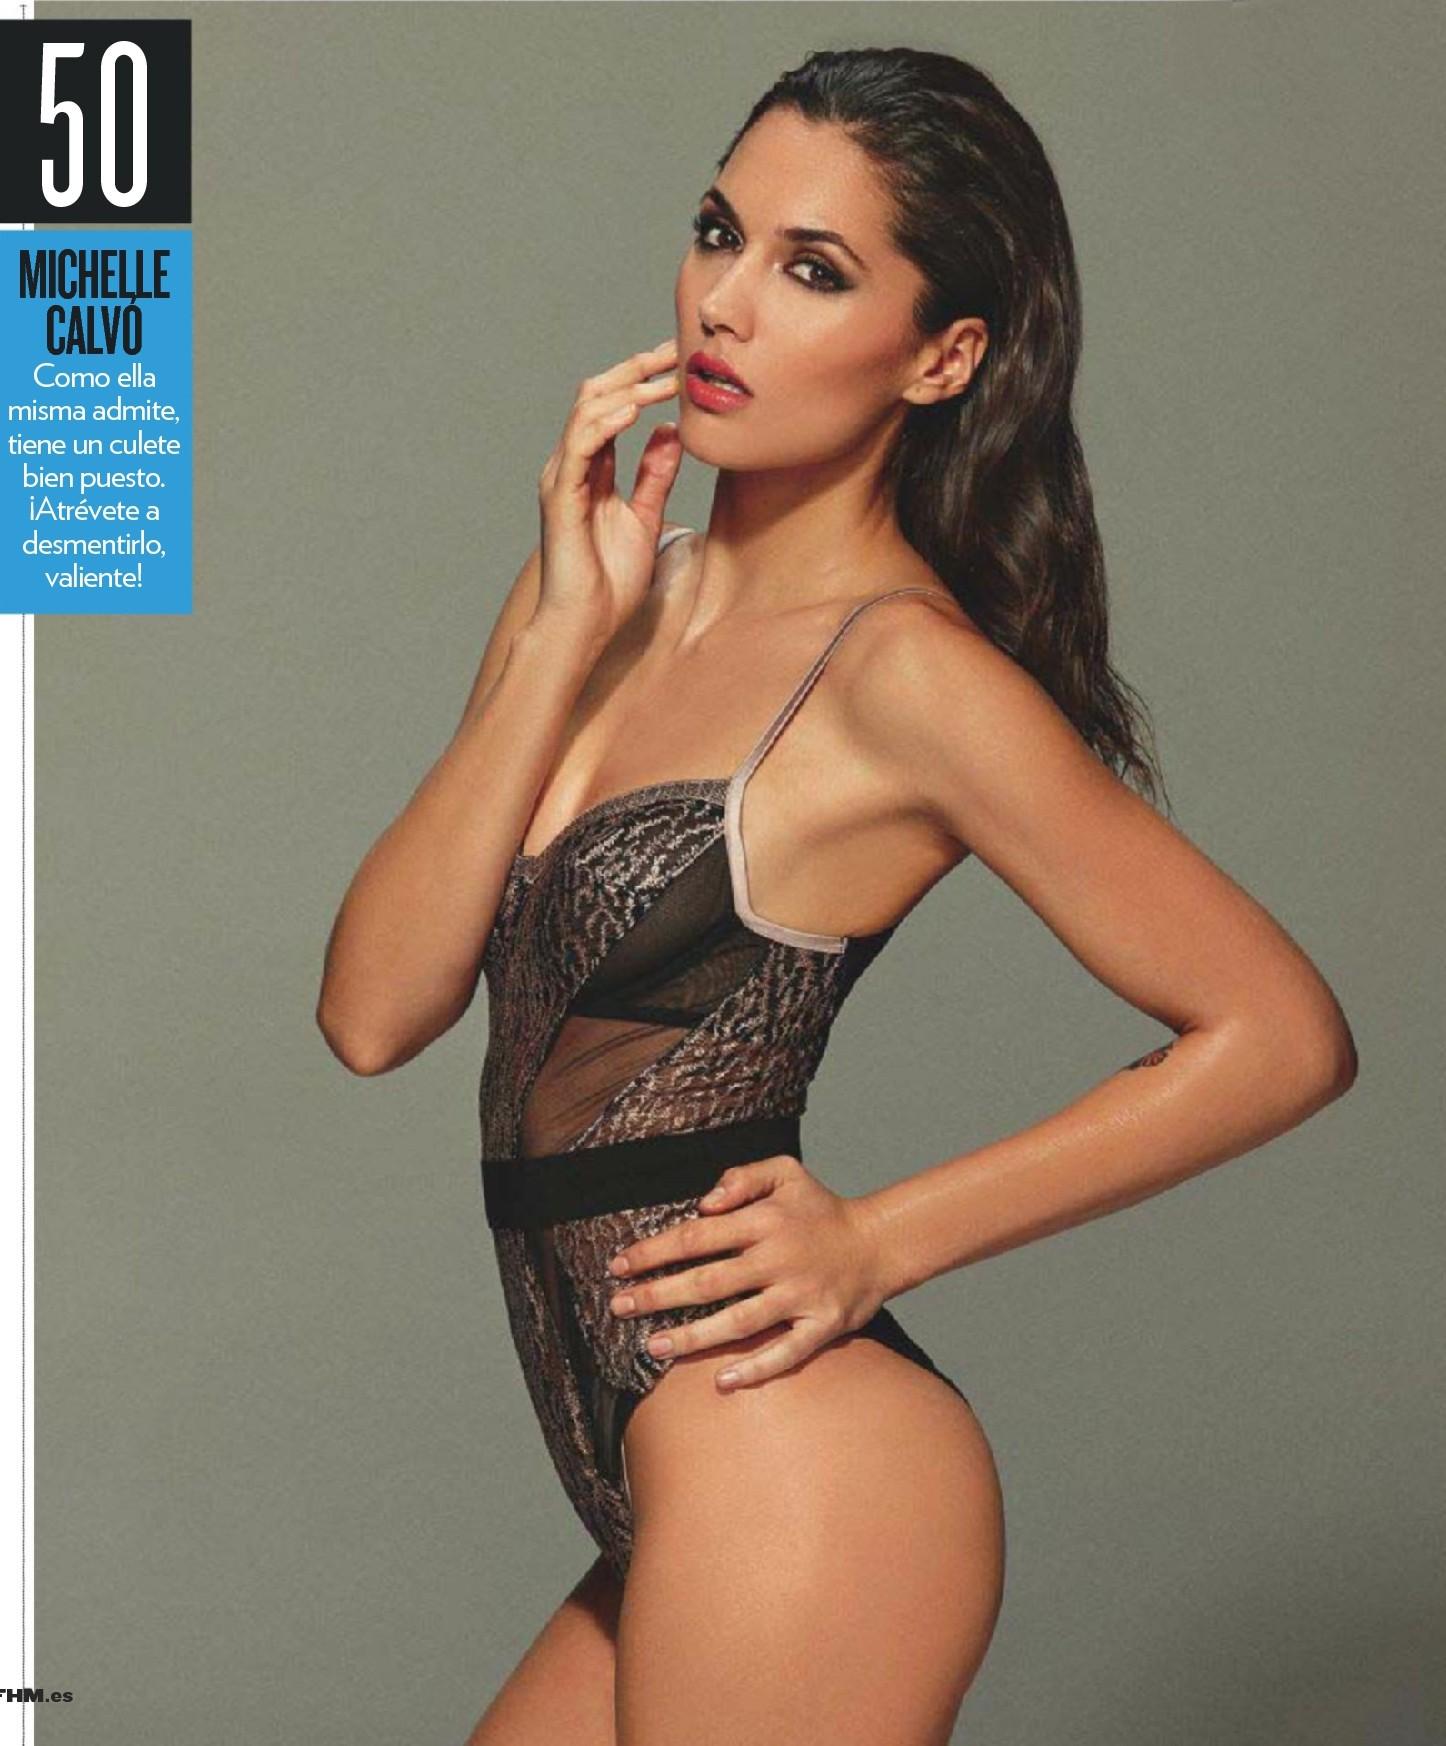 Michelle Calvo pillada desnuda